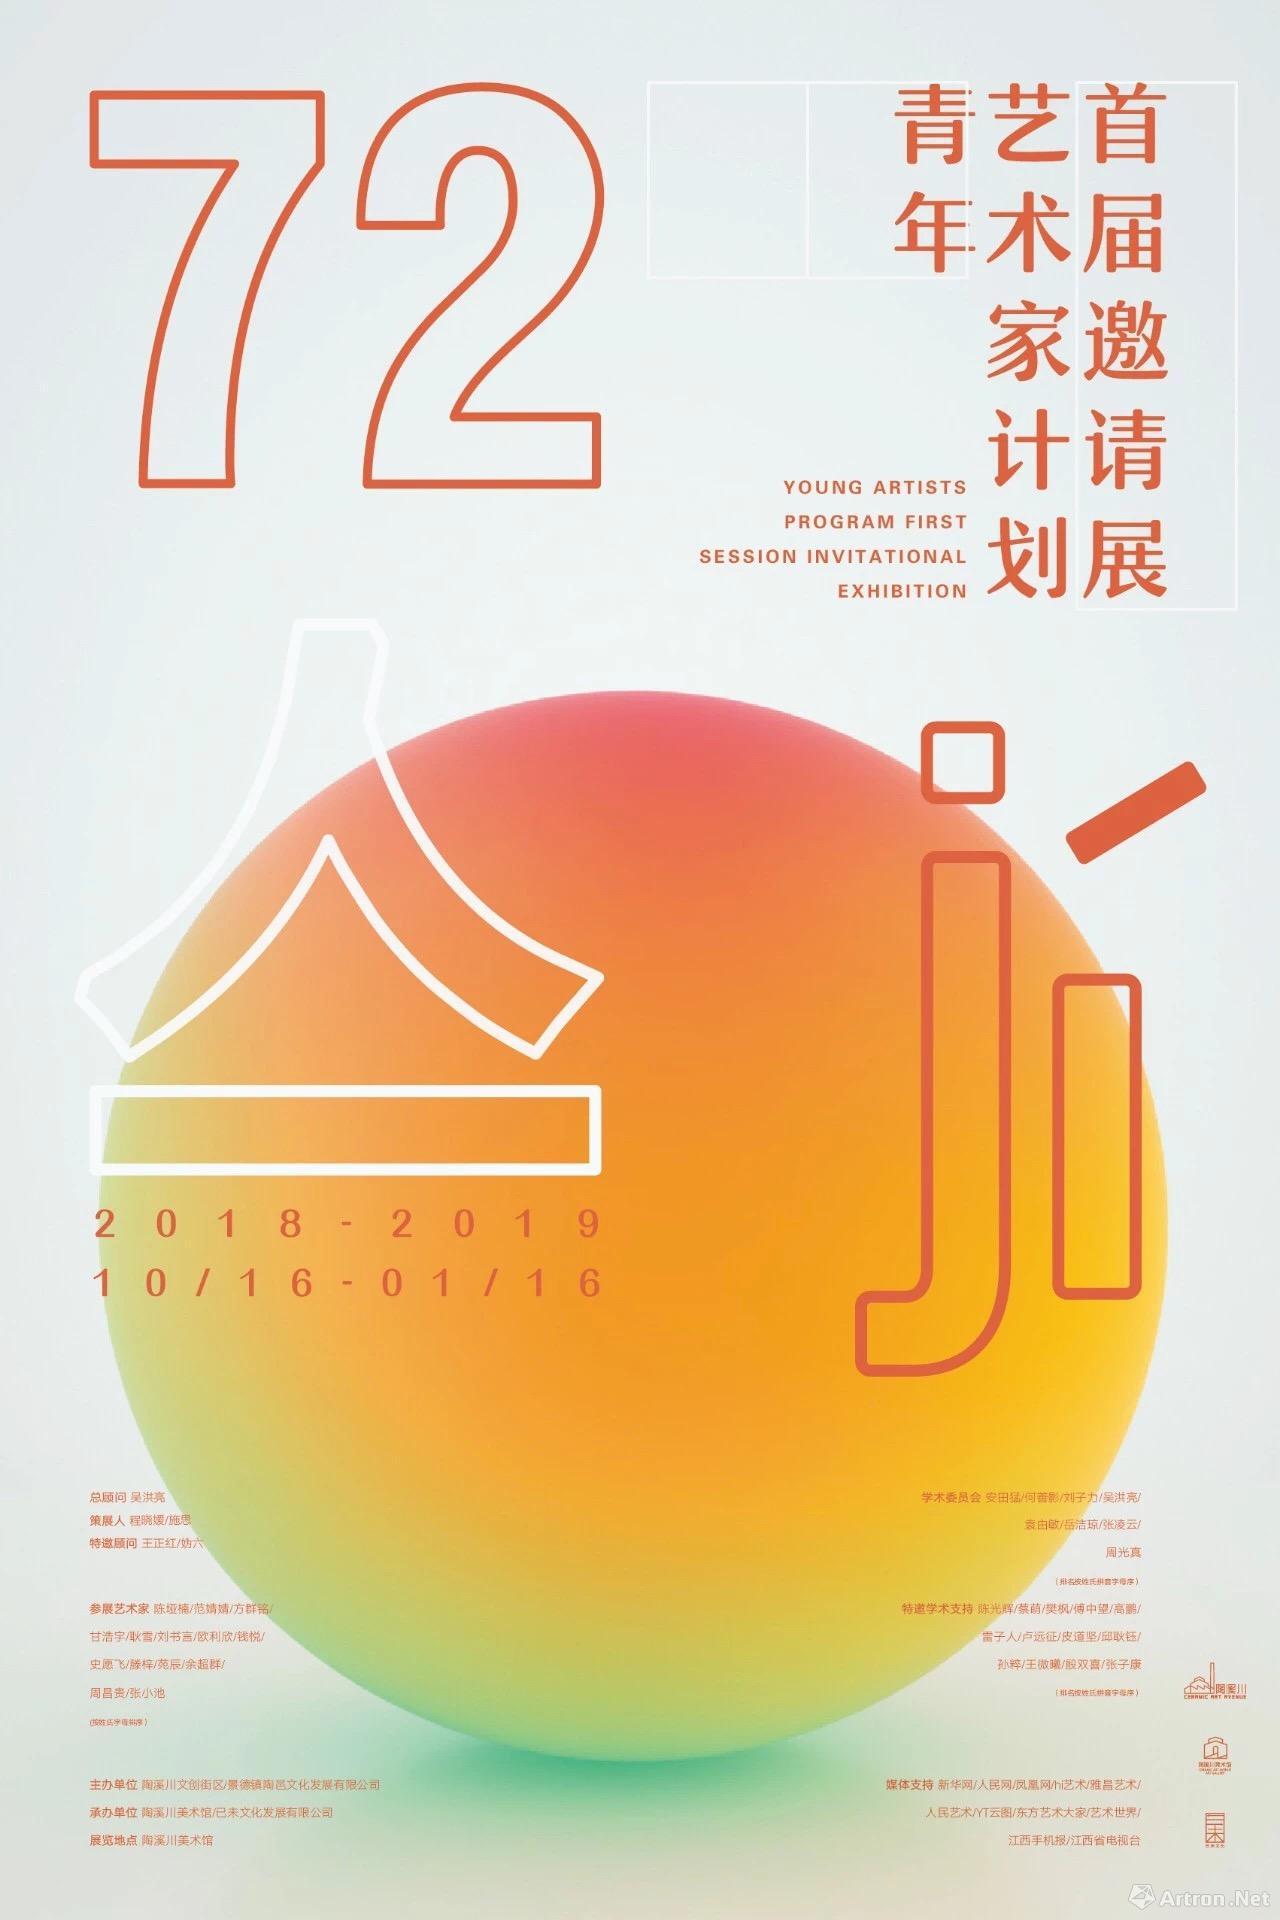 72亼青年艺术家计划首届邀请展